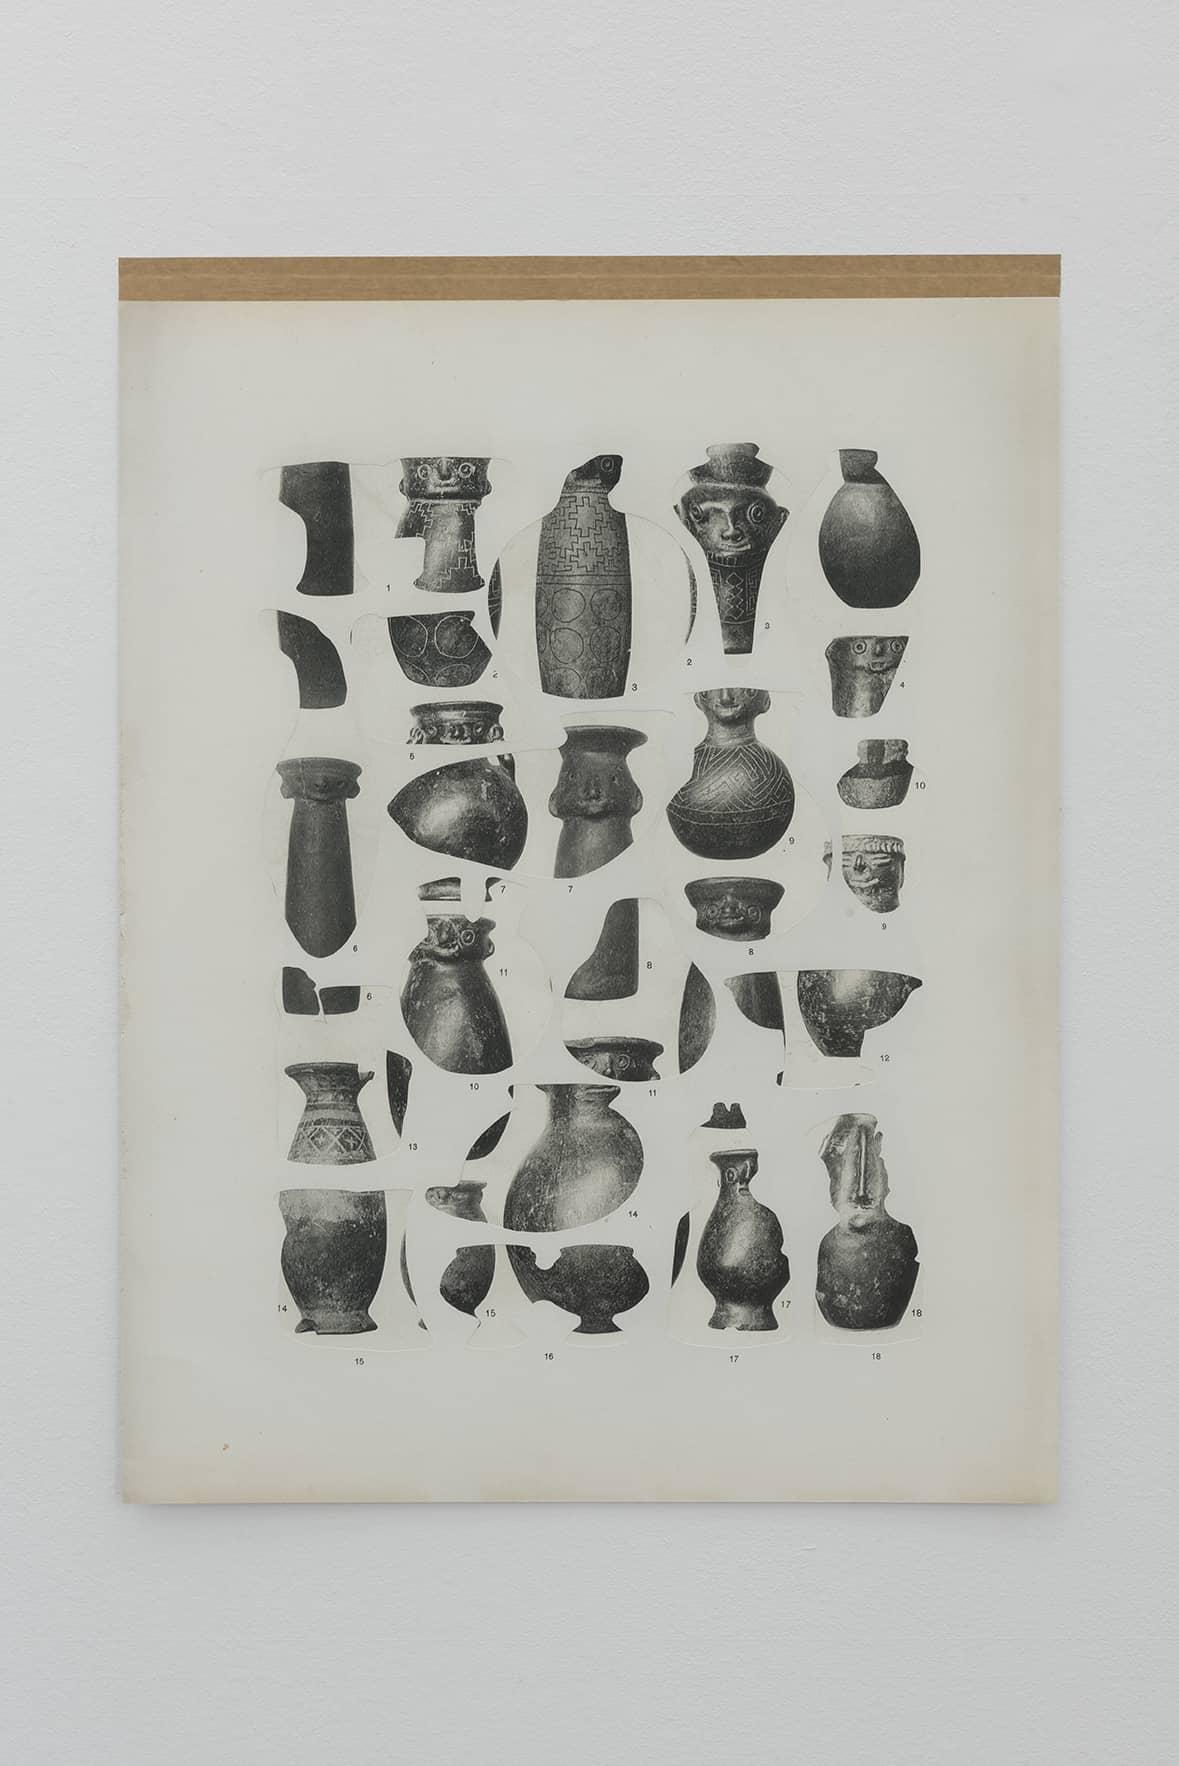 Geodesia y antropometría (vasijas), 2016 |  | ProjecteSD